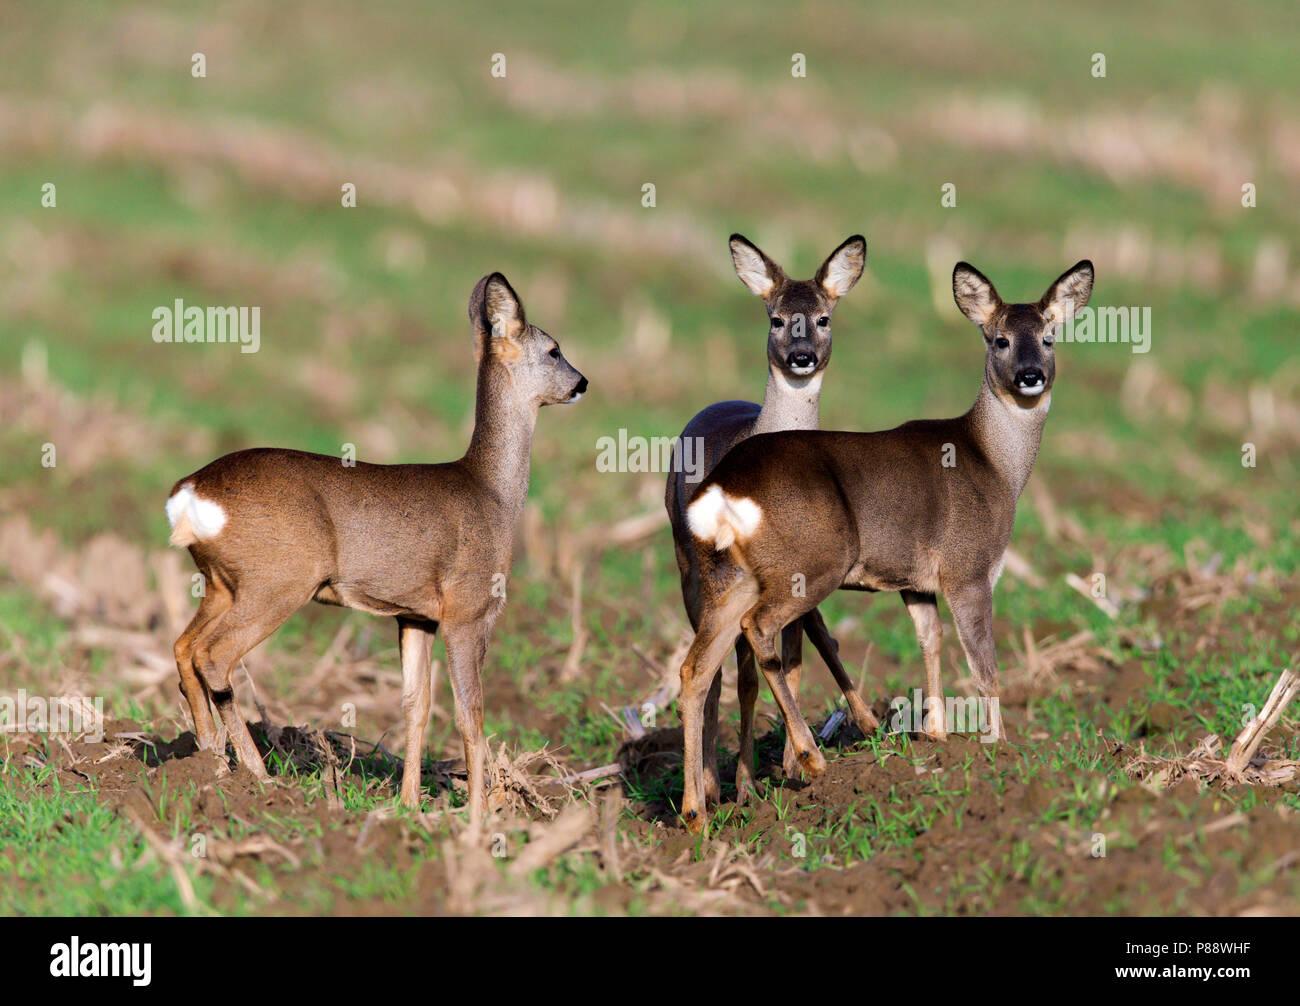 Groepje van drie Ree op akker;Group of three Roe Deer standing on arable field Stock Photo